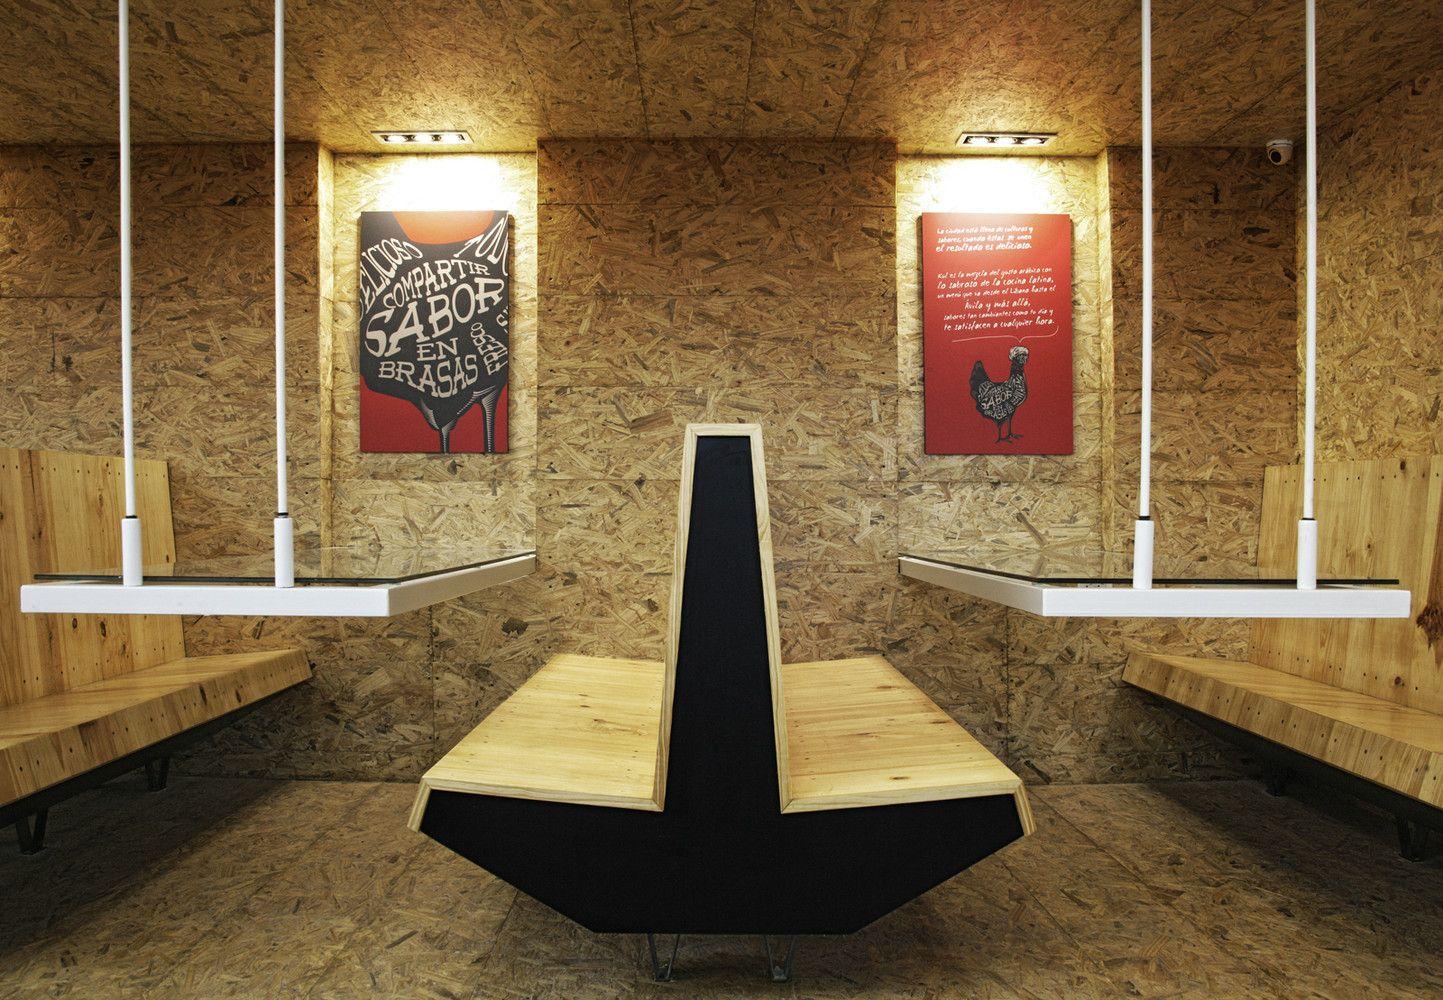 Restaurante Kul,© Roberto Puchetti